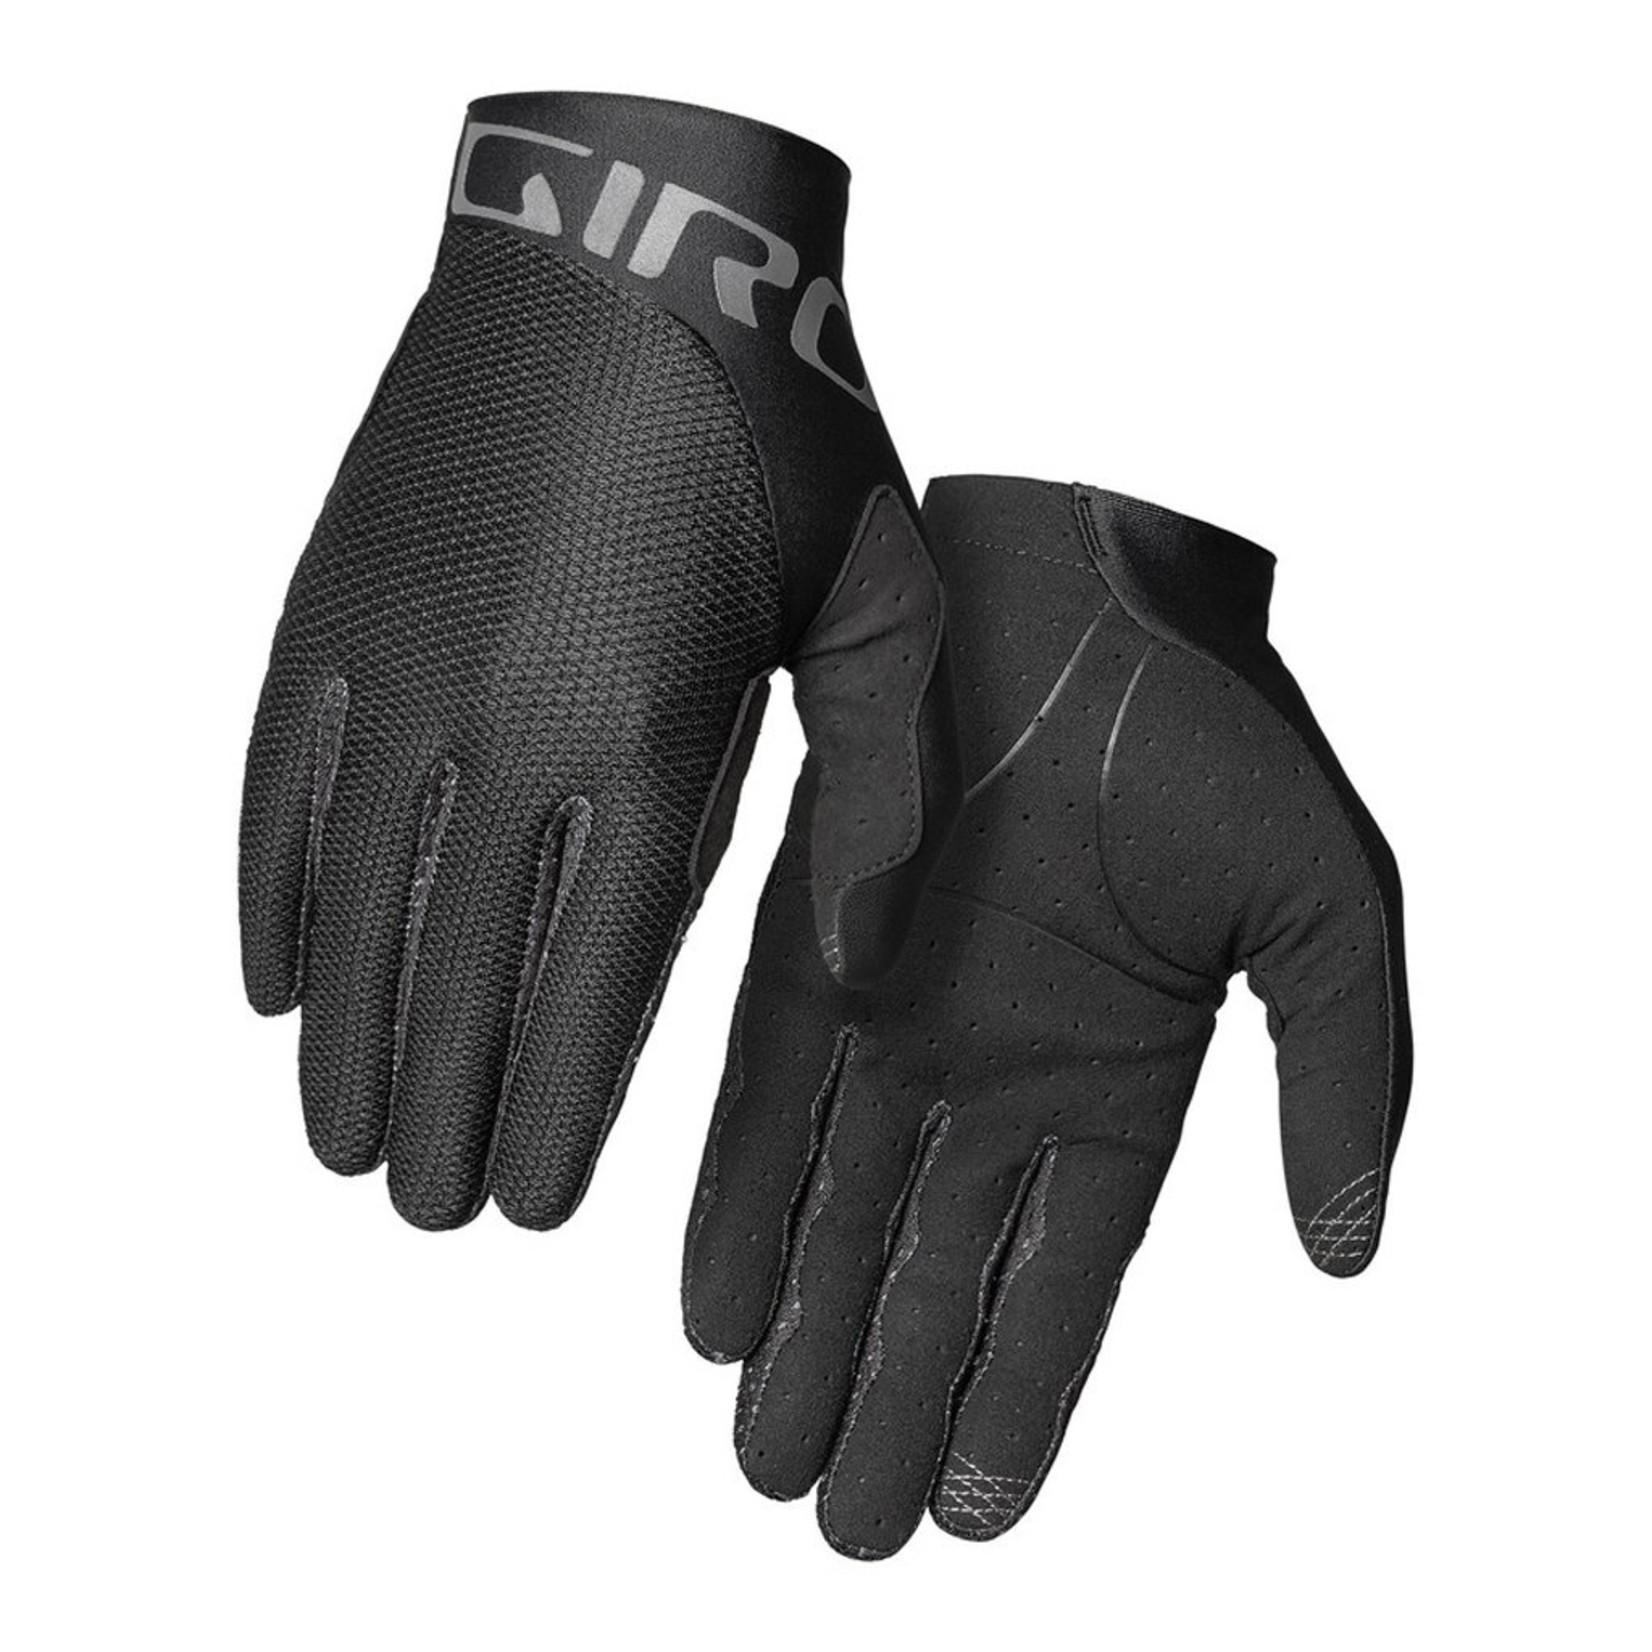 Giro Giro Trixter Cycling Glove